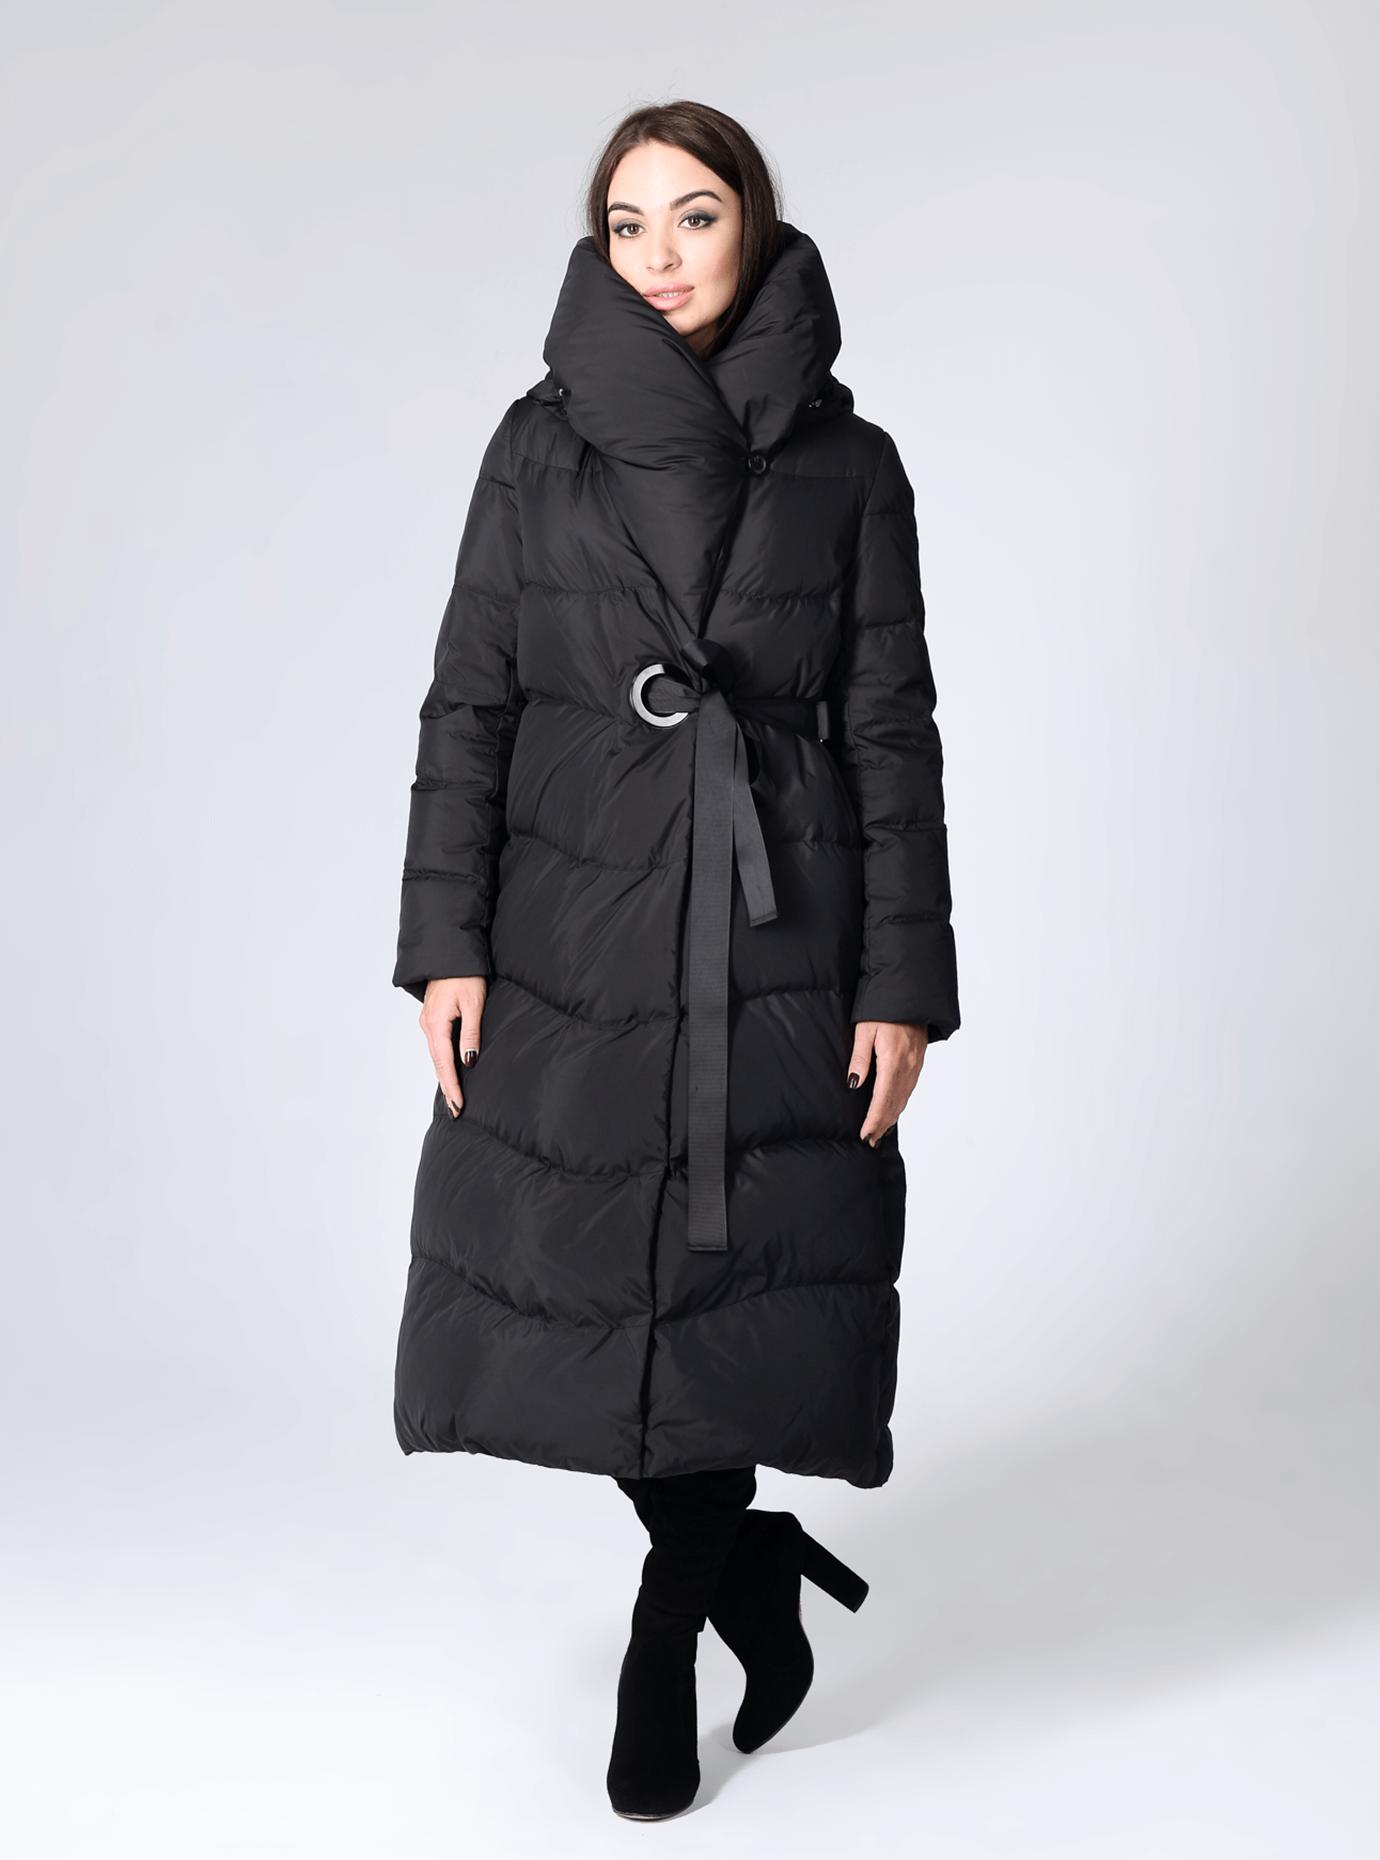 Пуховик женский длинный Чёрный S (02-CR170106): фото - Alster.ua